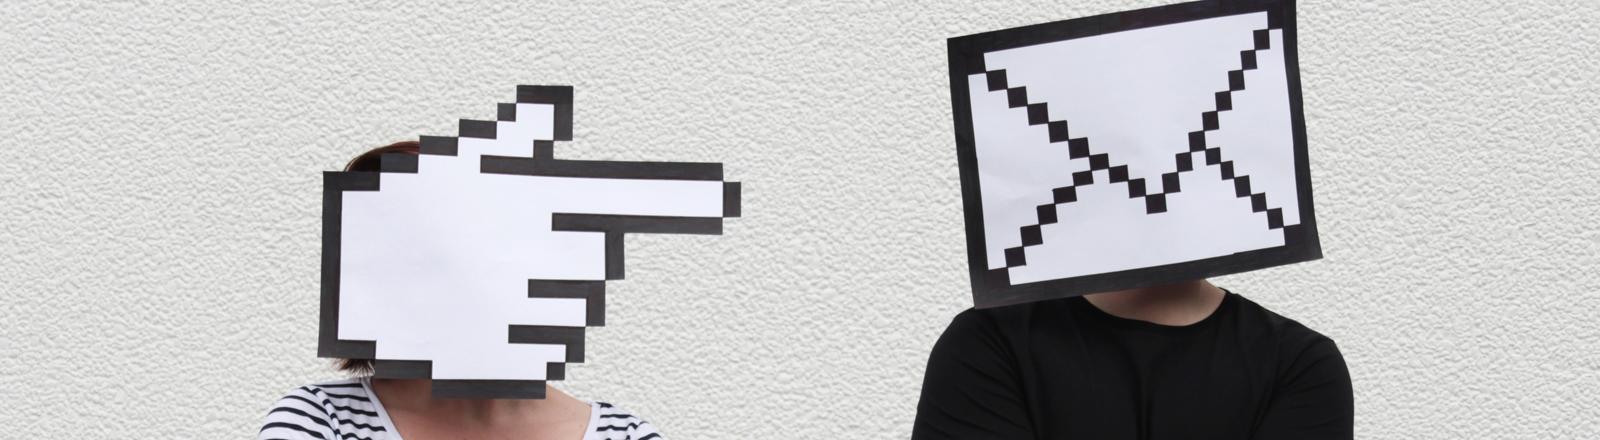 Frau und Mann mit Symbolen auf Kopf